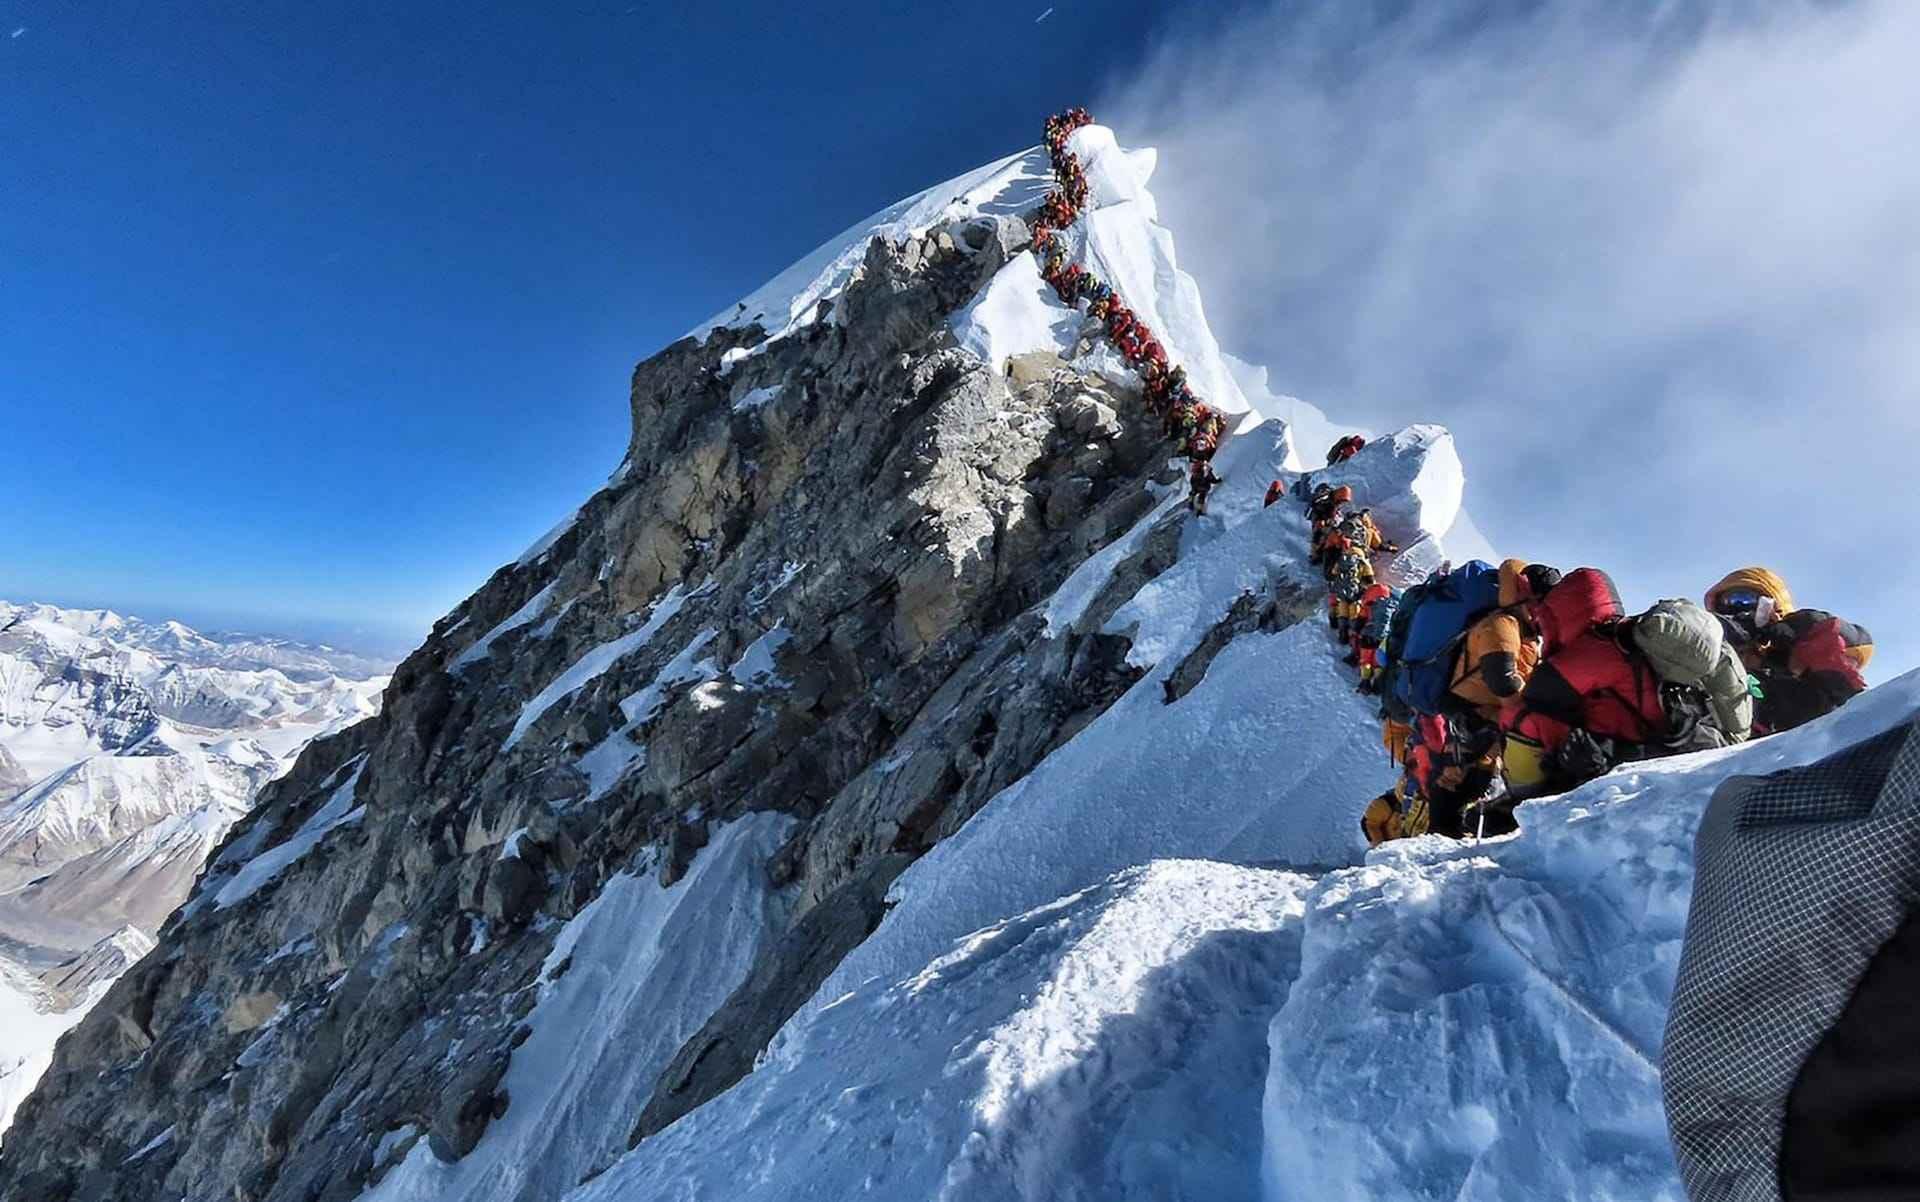 爬珠峰时发生意外的人,尸体是如何处理的?答案很寒心